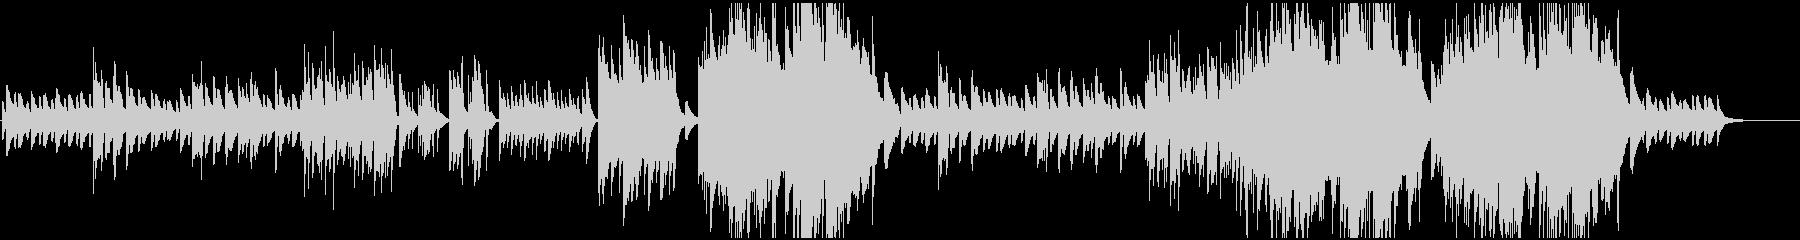 ピアノBGM シンプルな透明感の未再生の波形